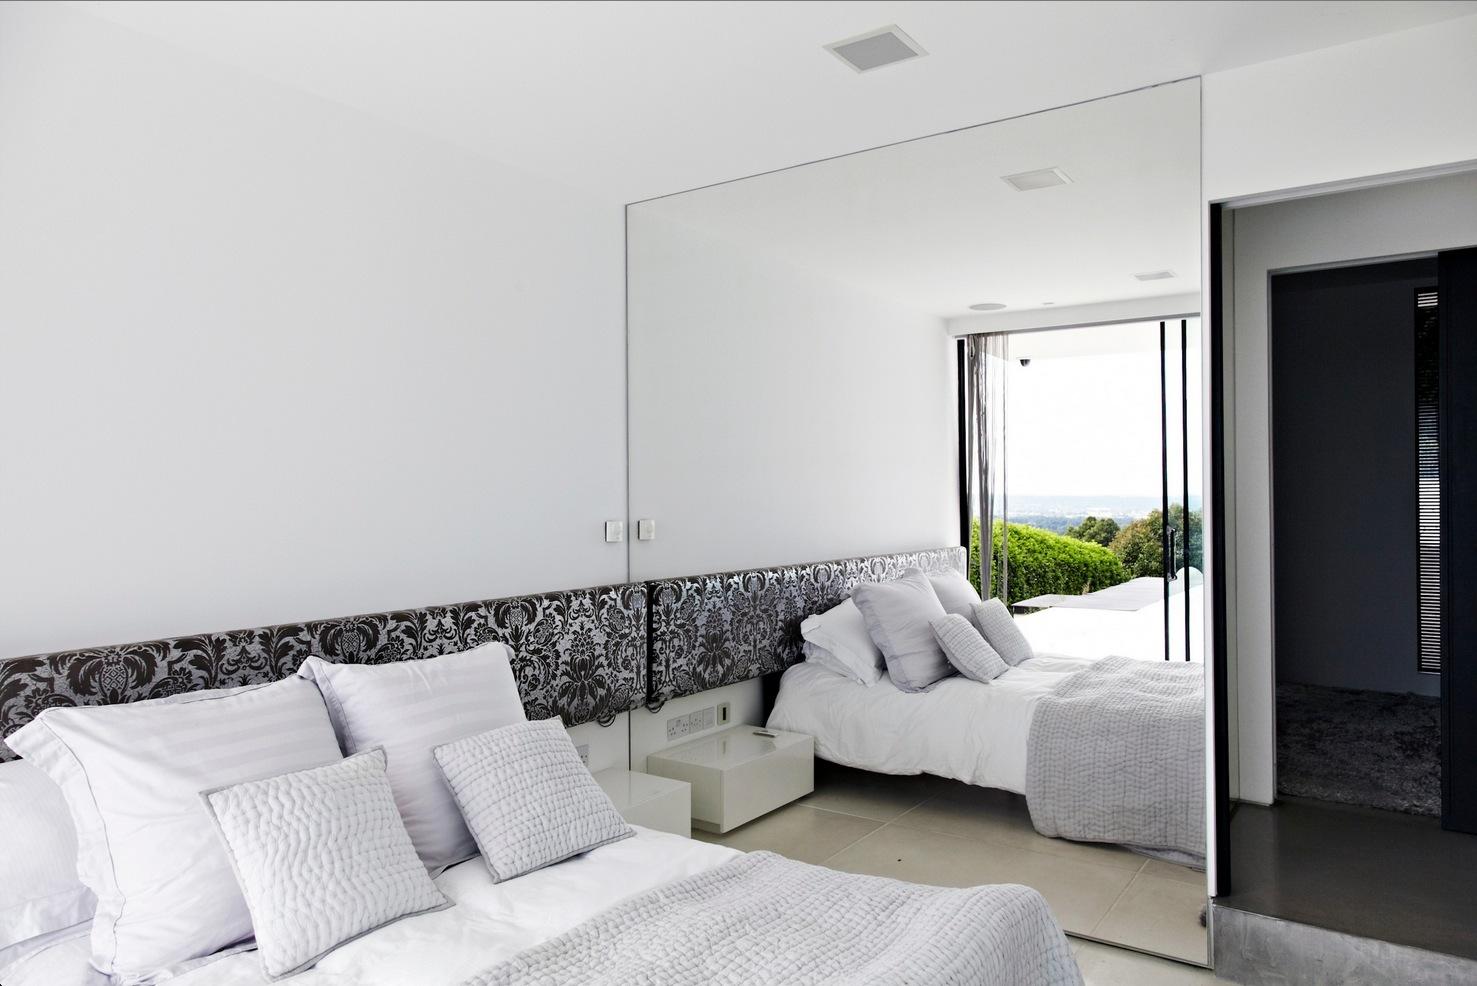 Если зеркало располагается напротив окна, то хорошее освещение в комнате обеспечено